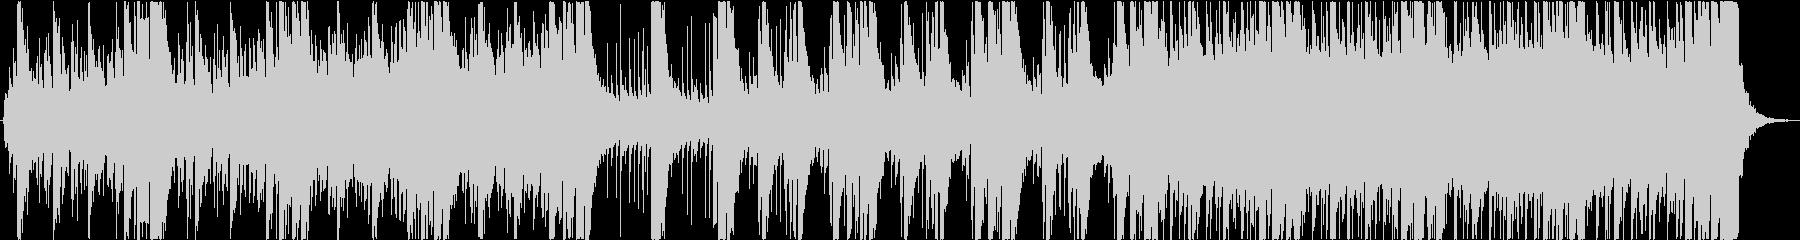 和・尺八・琴、重厚なエピックオーケストラの未再生の波形